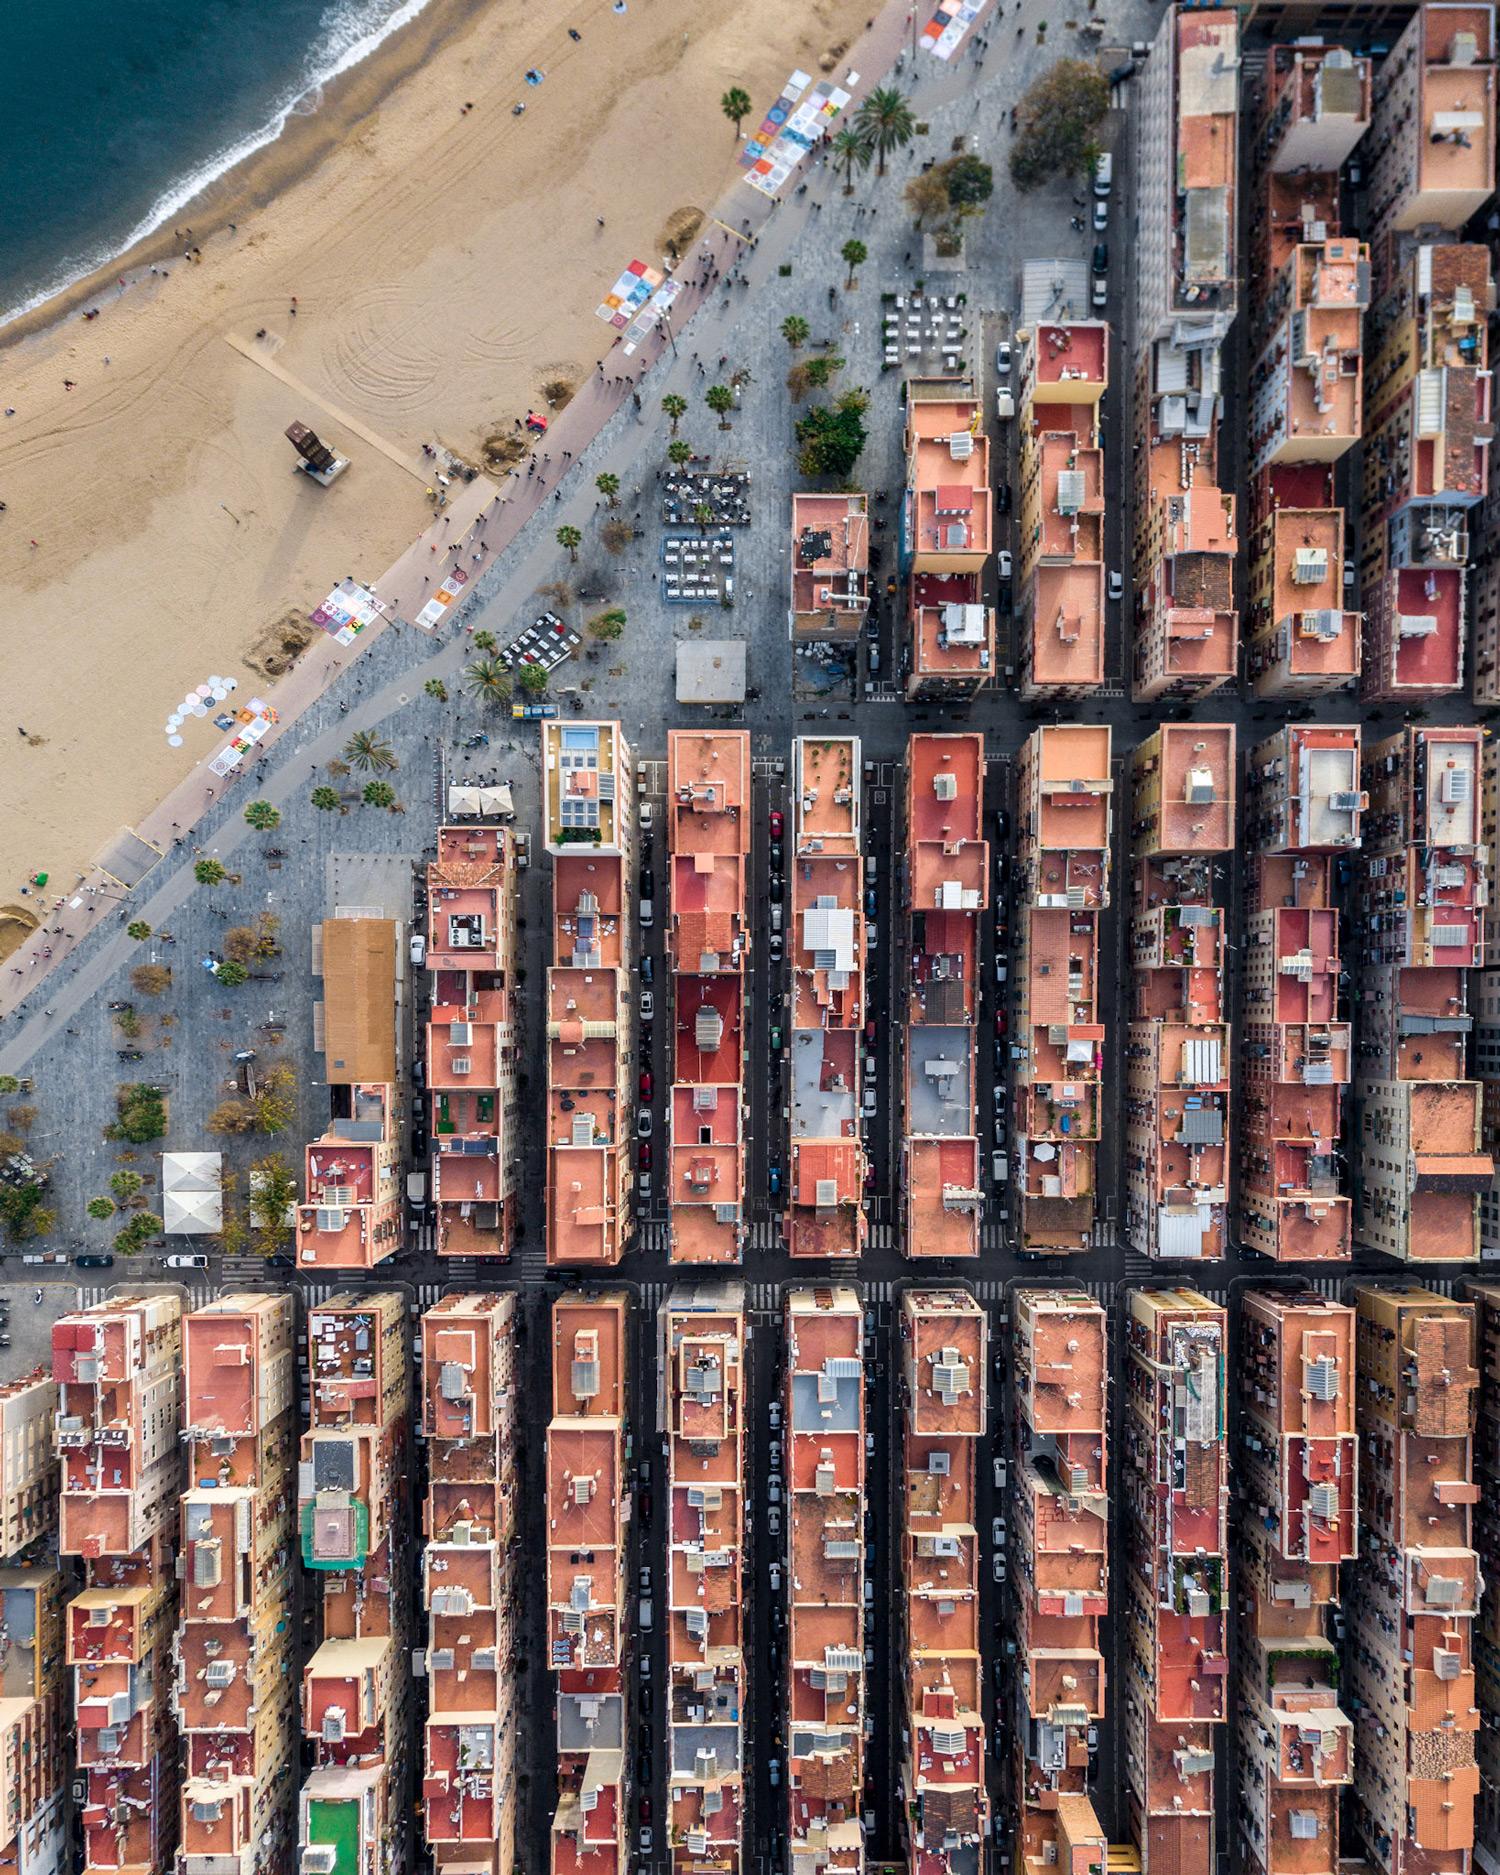 MartonMogyorosy Barcelona WirePrime 1 - Barselona'nın Kıyı Şeridine Havadan Bakış: Büyüleyici Geometrik Desenler